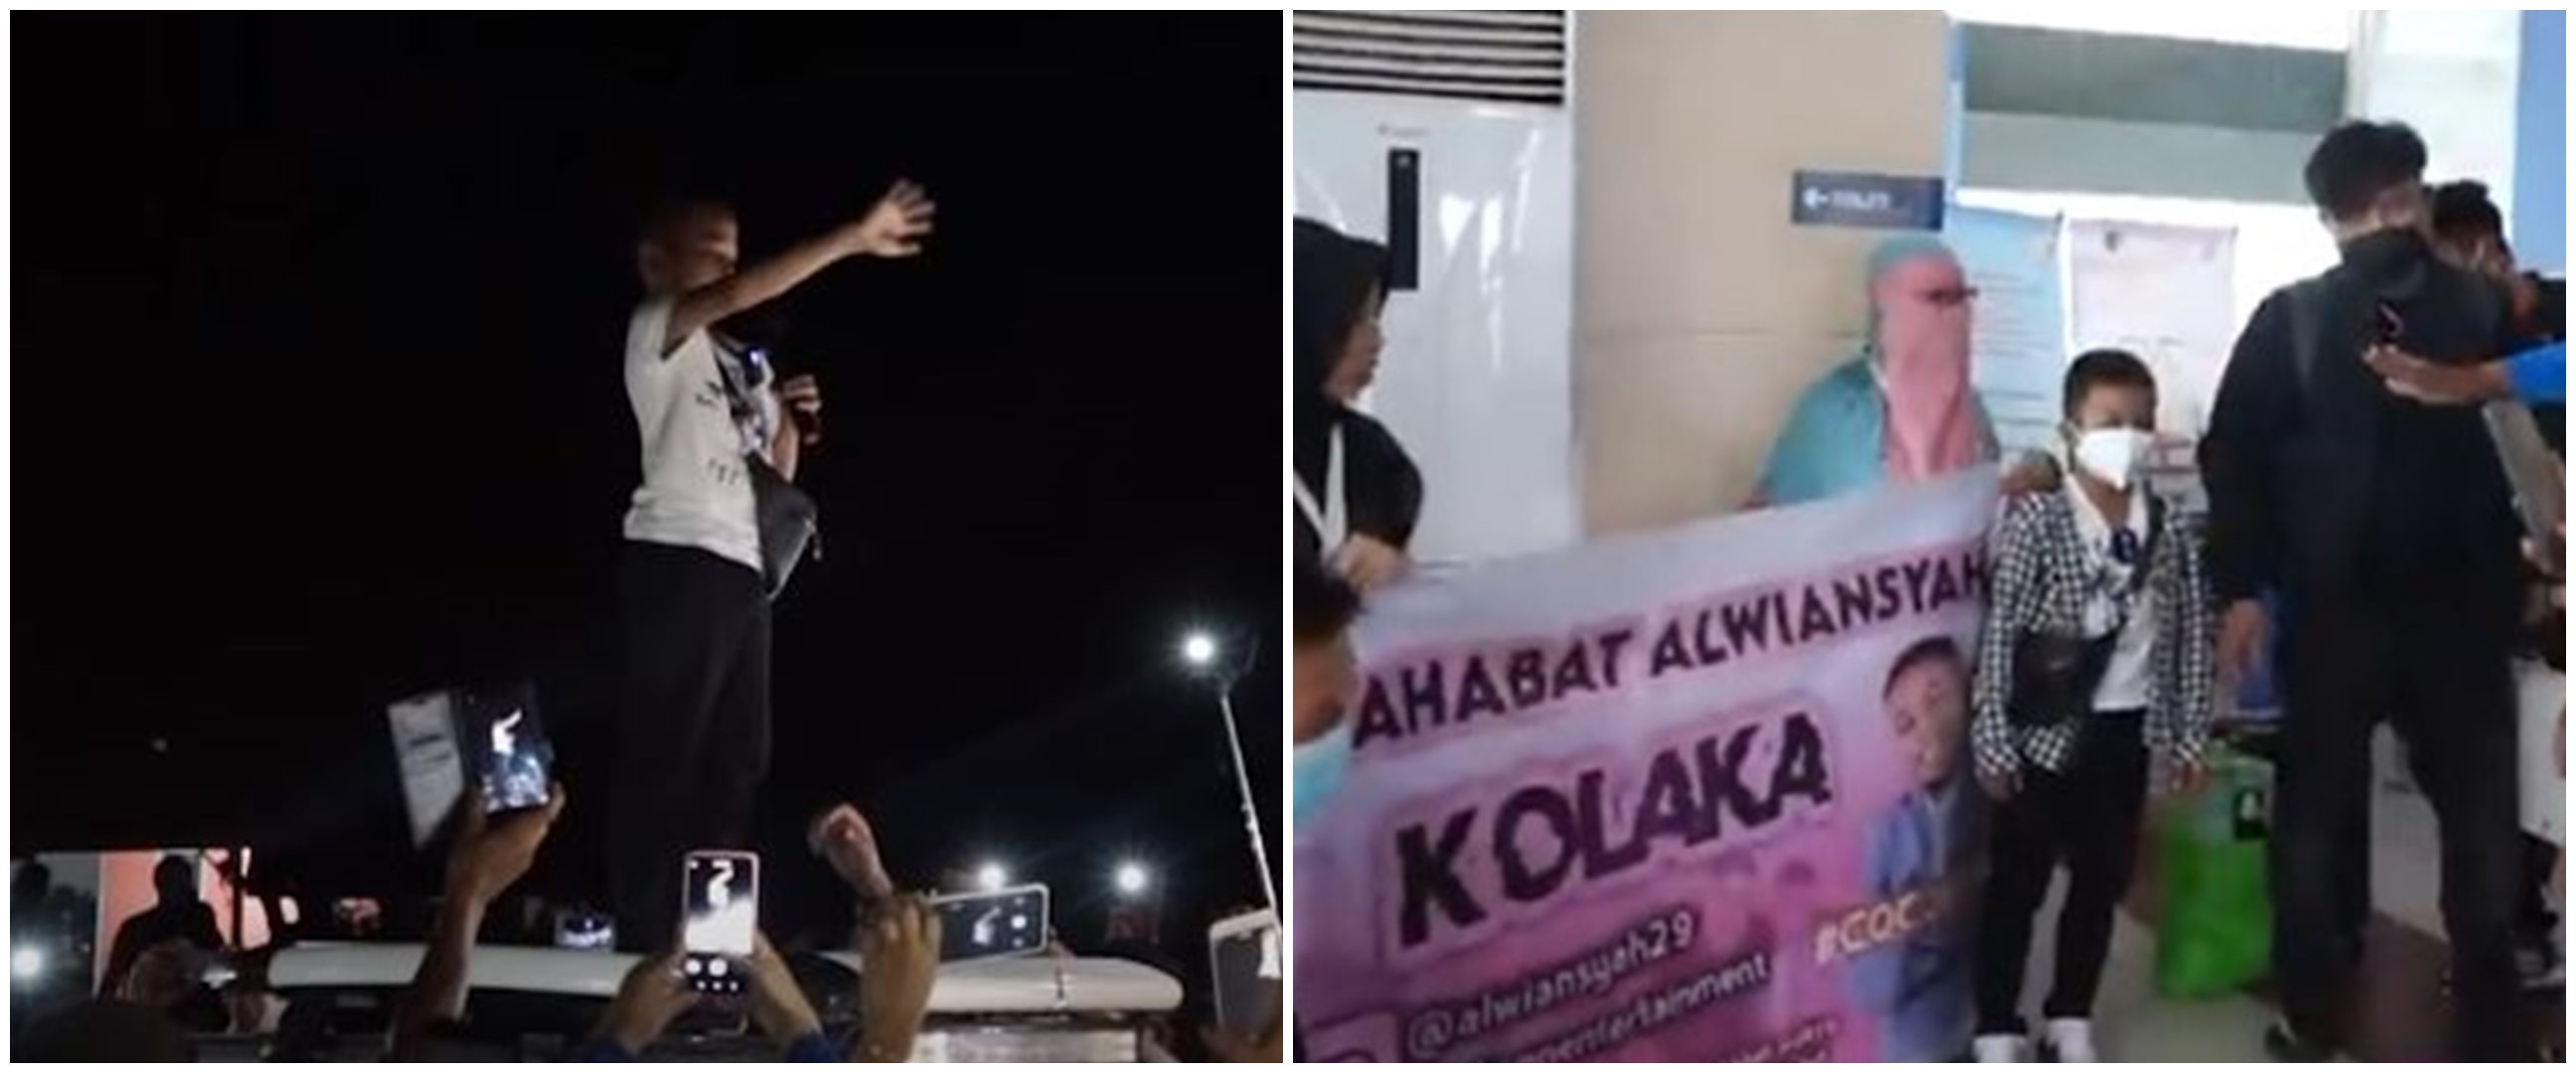 10 Momen Alwiansyah pulang kampung ke Kolaka, dikawal polisi